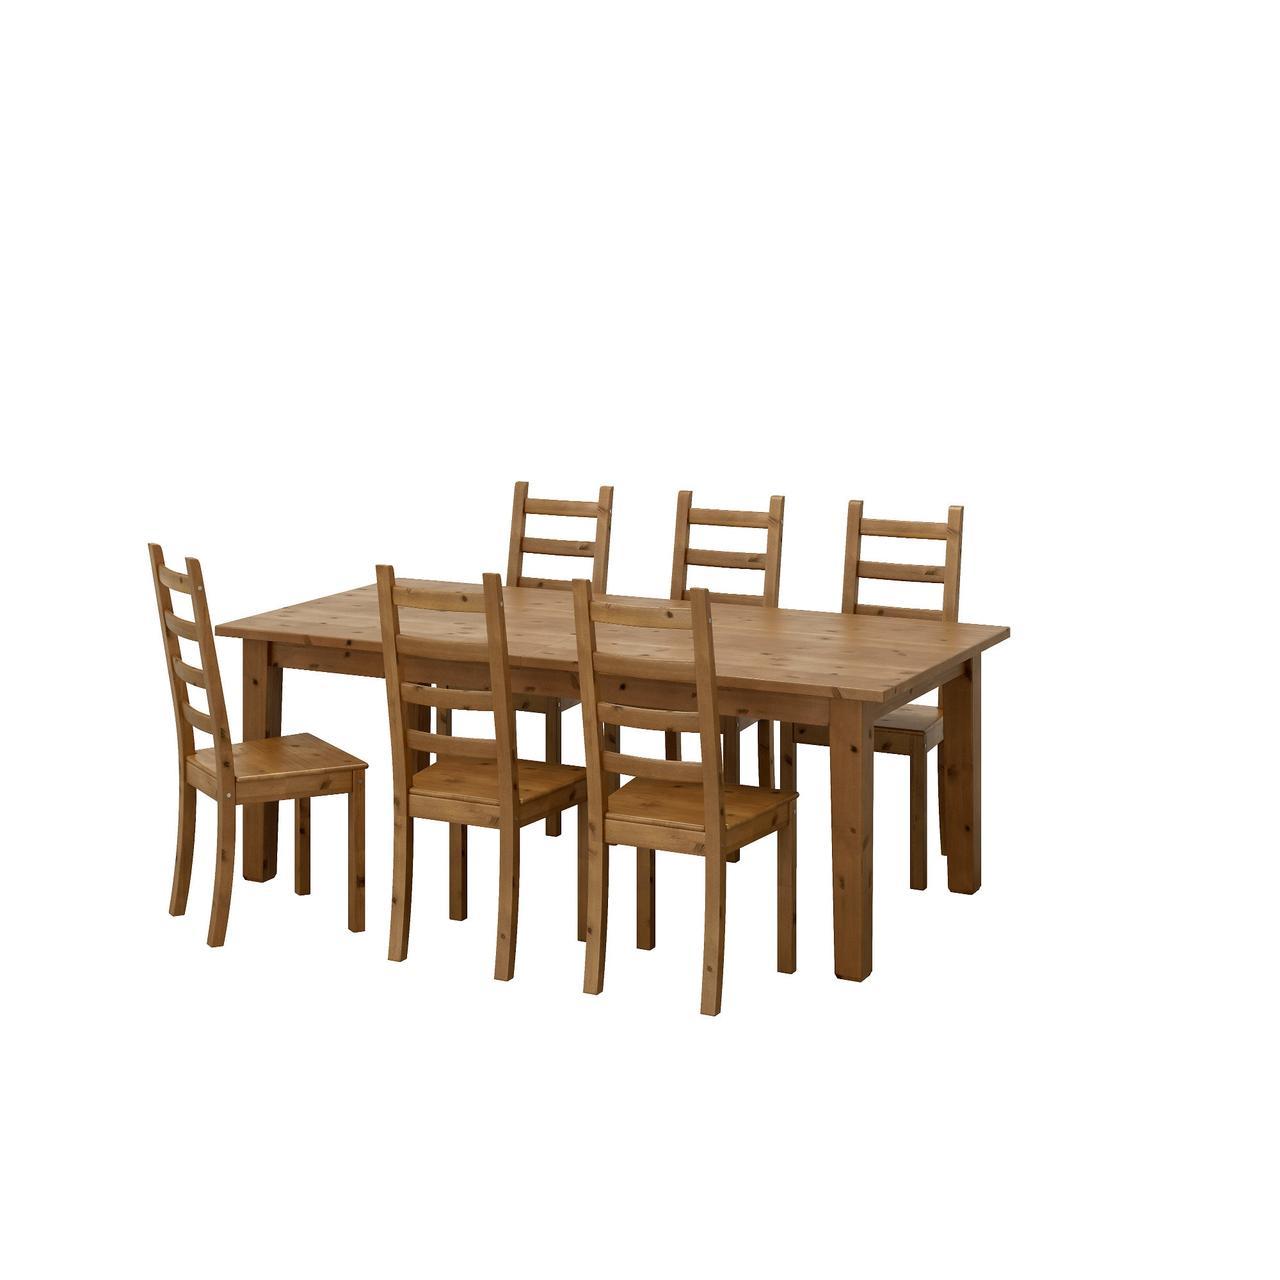 СТУРНЭС / КАУСТБИ Стол и 6 стульев, морилка,антик